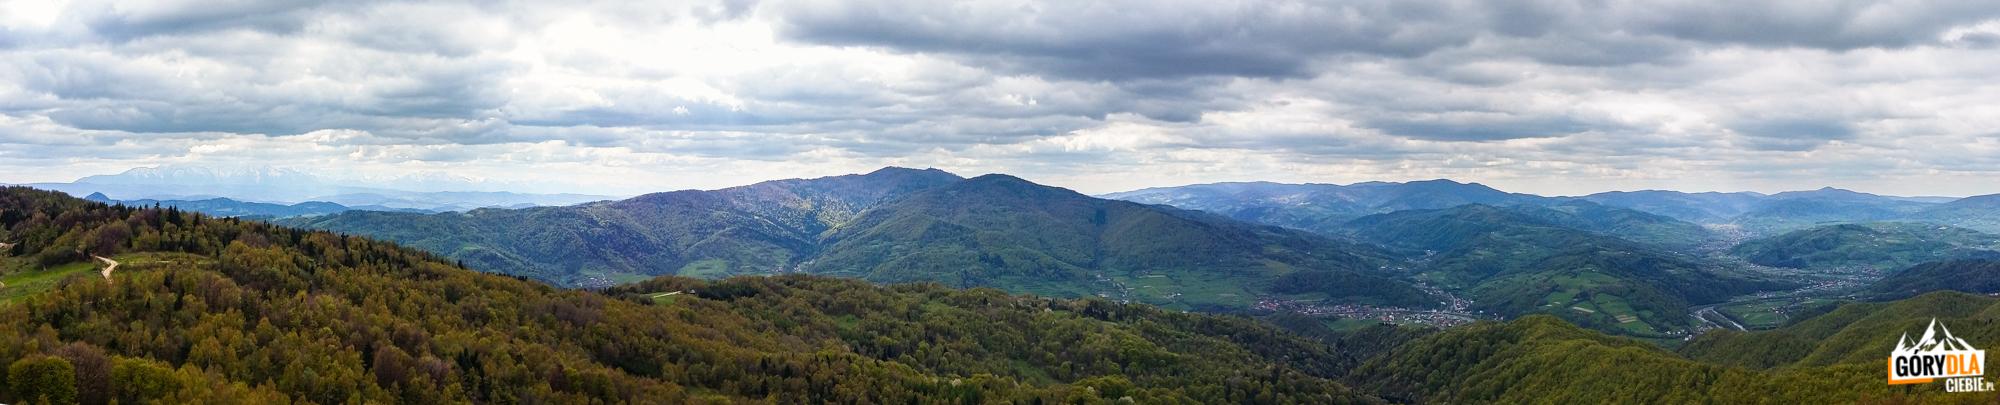 Panorama zKoziarza - Beskid Sądecki